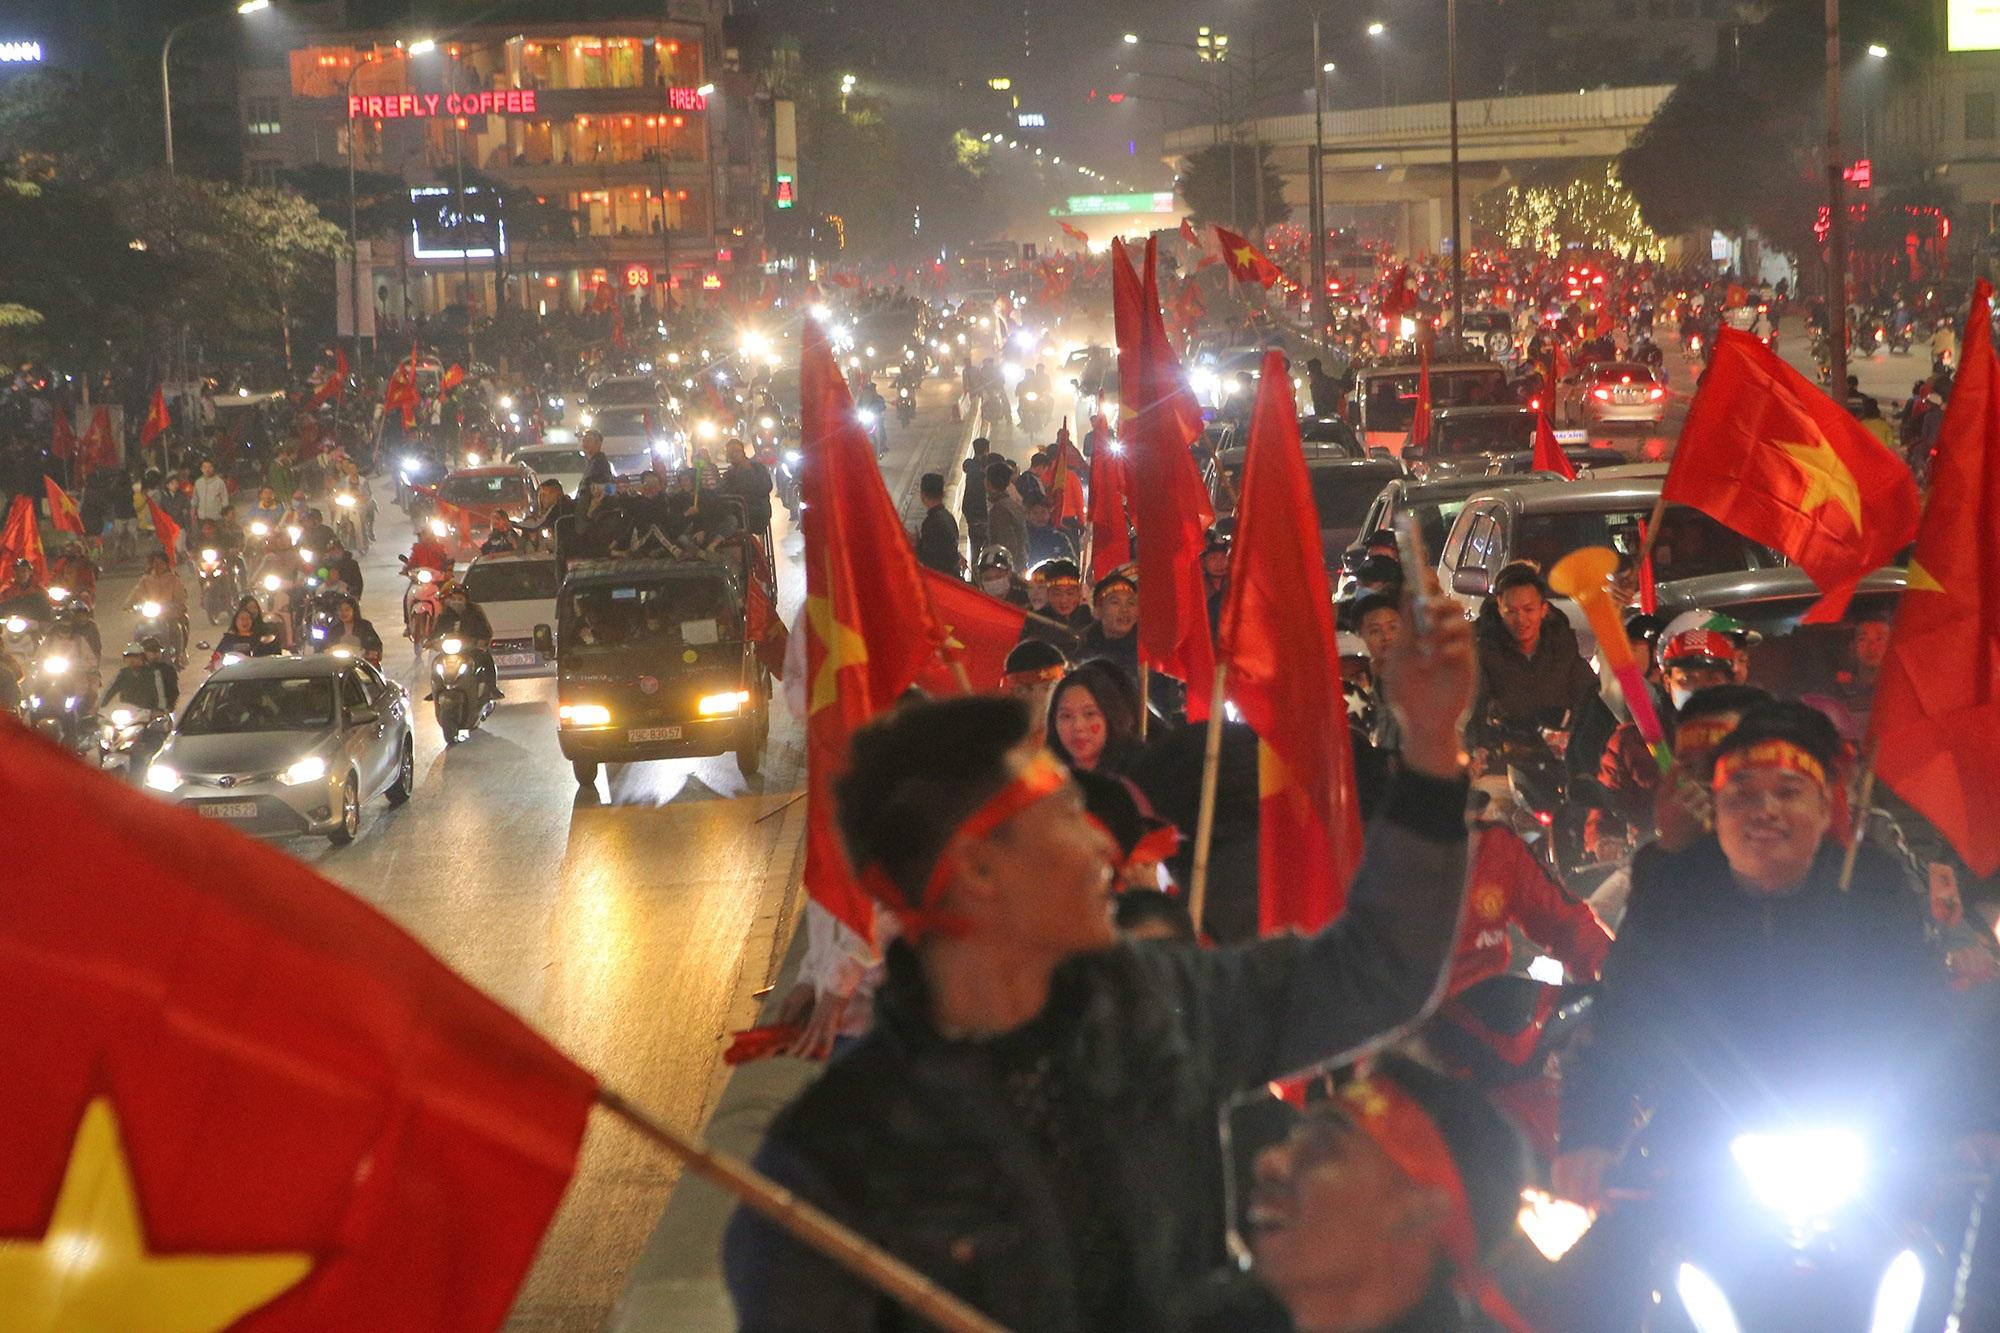 Hình ảnh ấn tượng biển người mừng chiến thắng giữa đêm khuya tại Hà Nội - 1